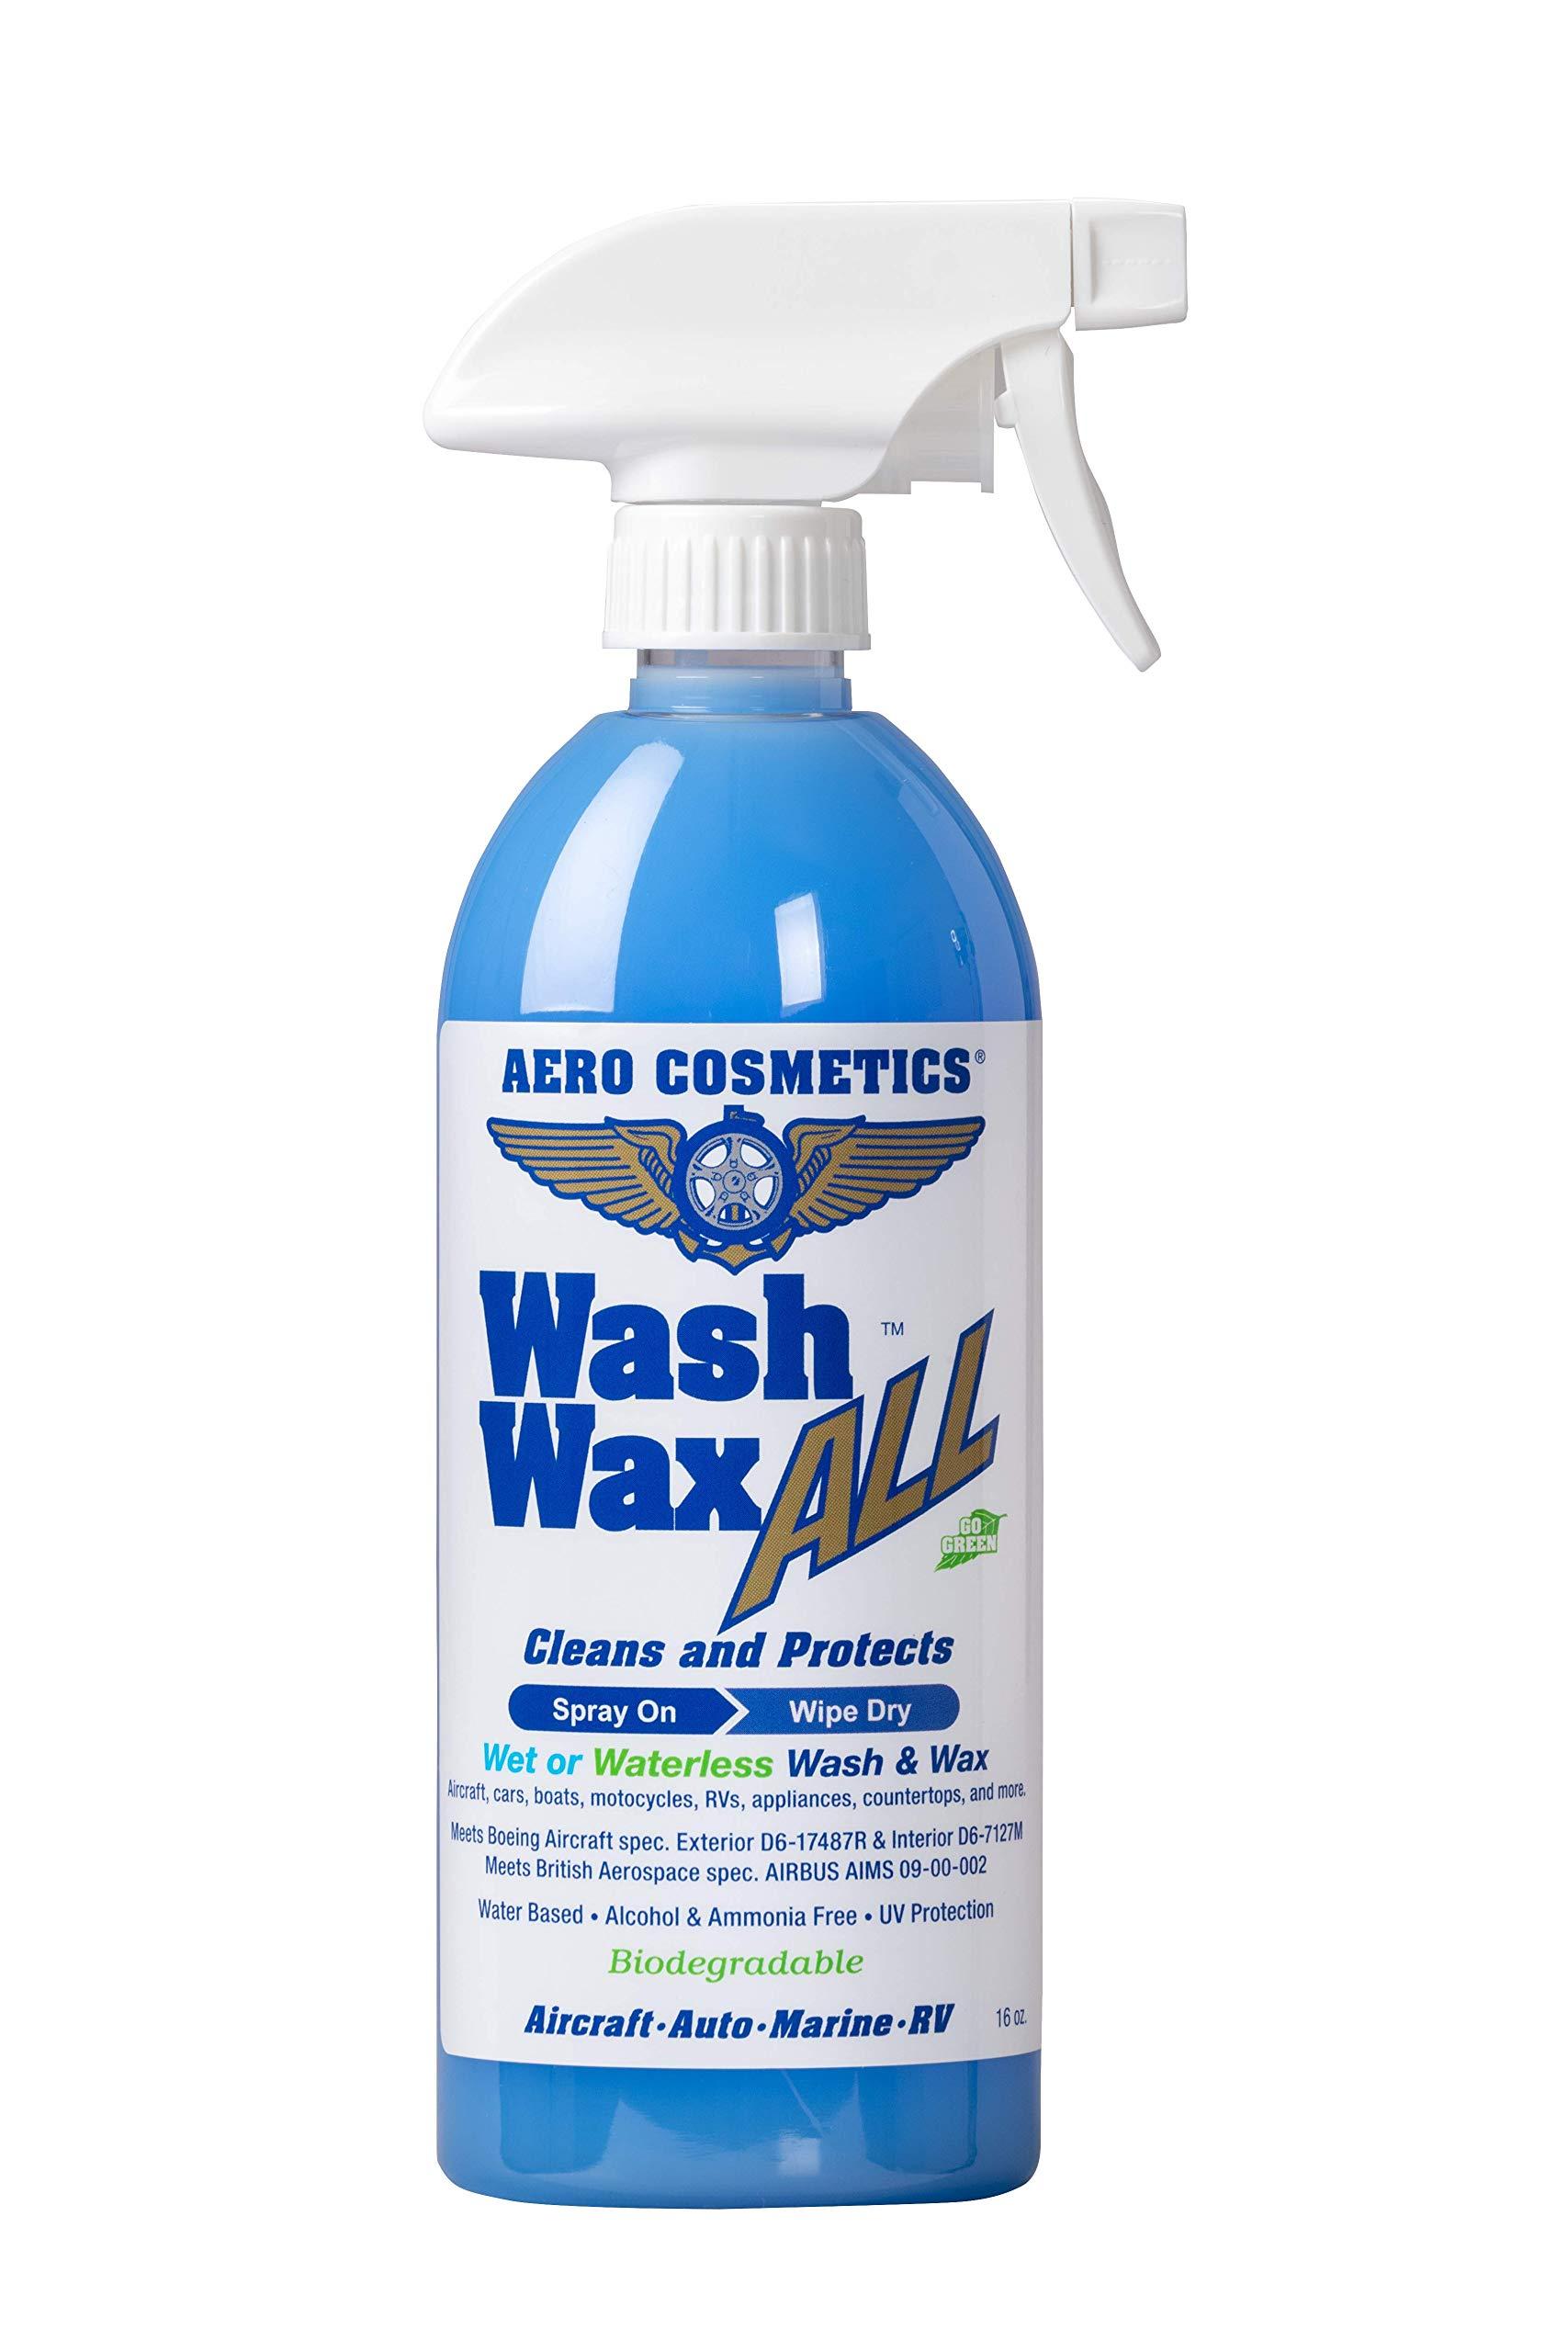 Waterless Wash Wax Aircraft Guaranteed